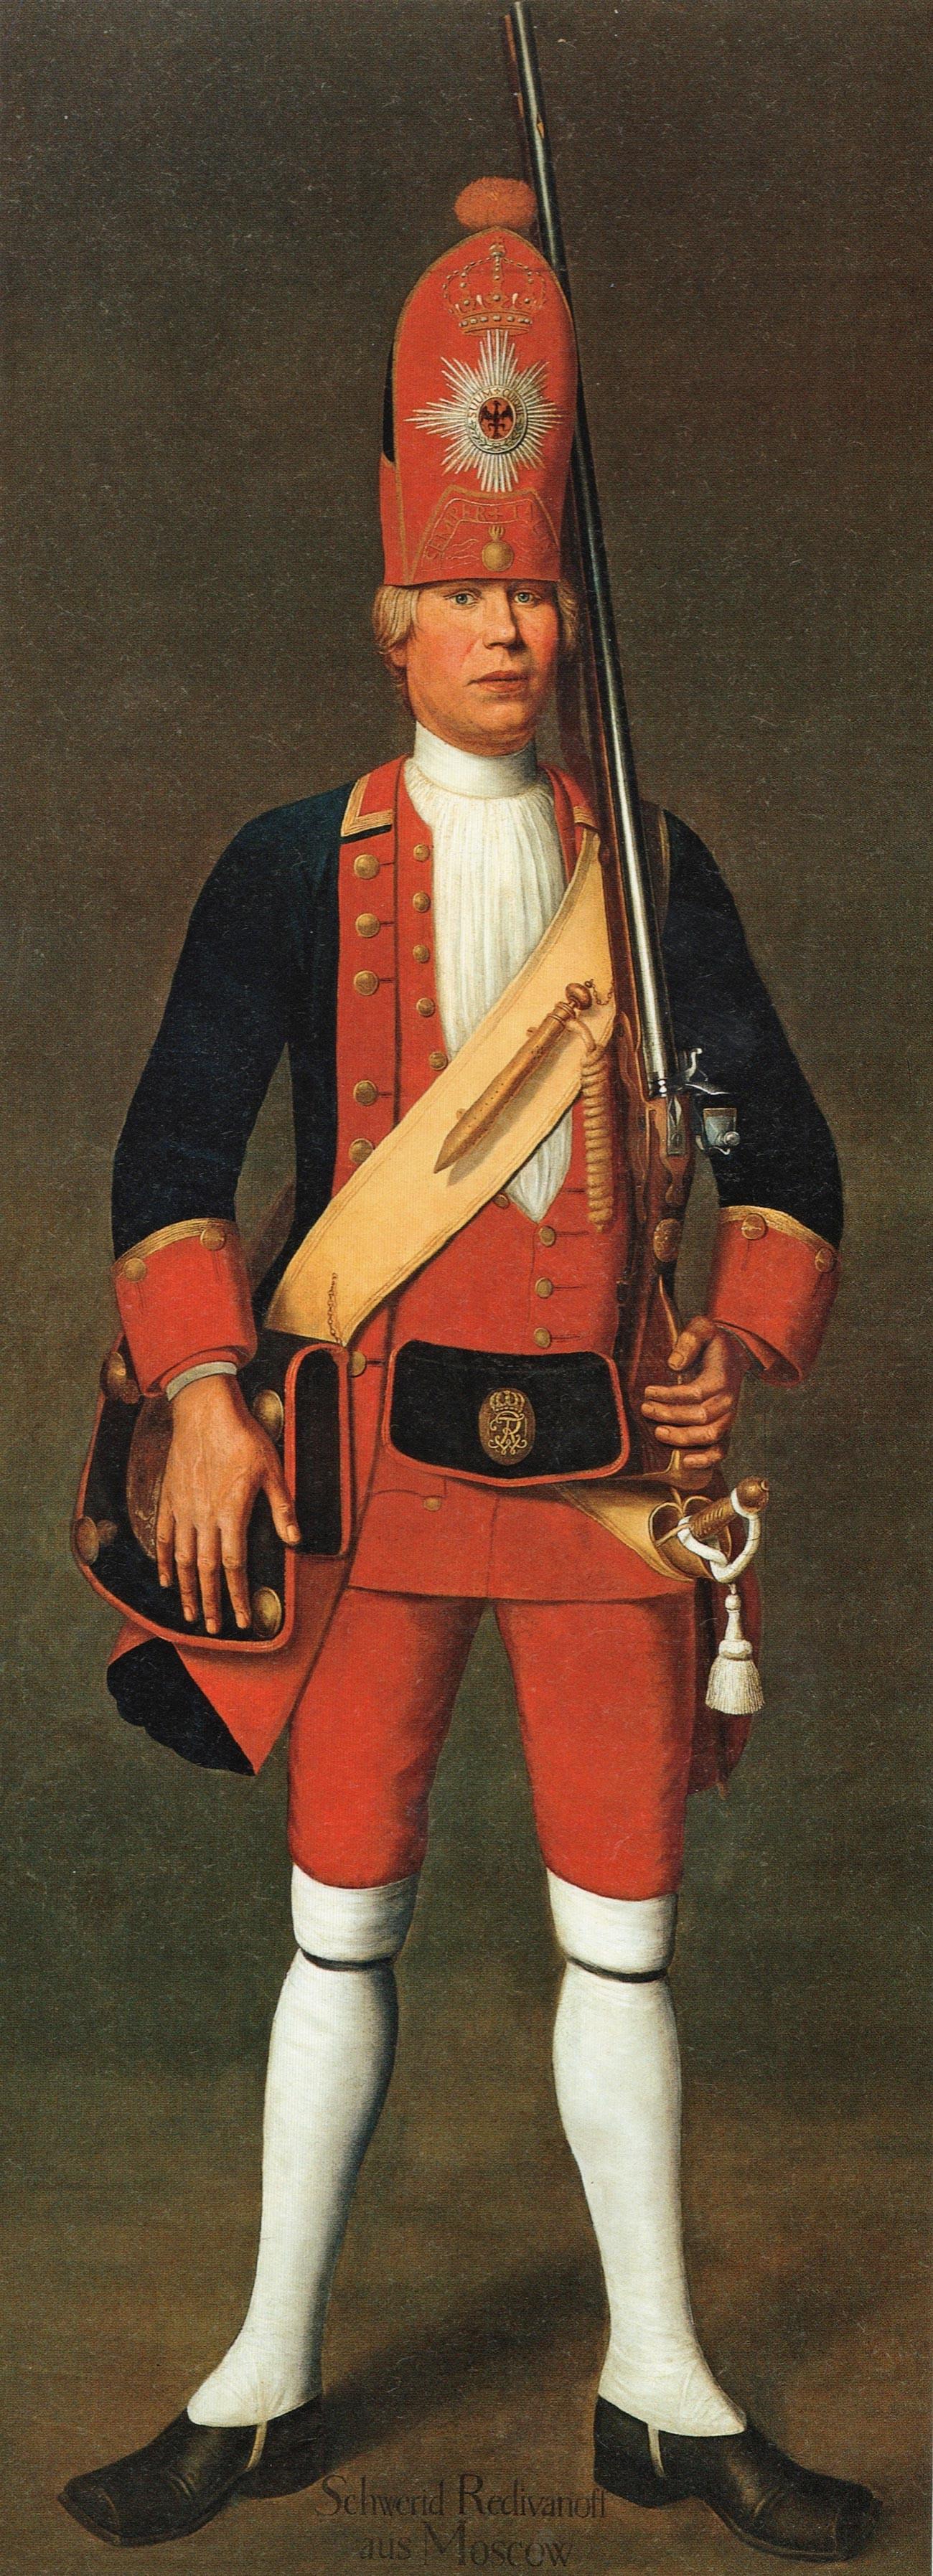 Portret pješadinca Svirida Redivanova (Rodionova) iz Moskve, koga je ruski car poklonio pruskom kralju u zamjenu za Jantarnu odaju.